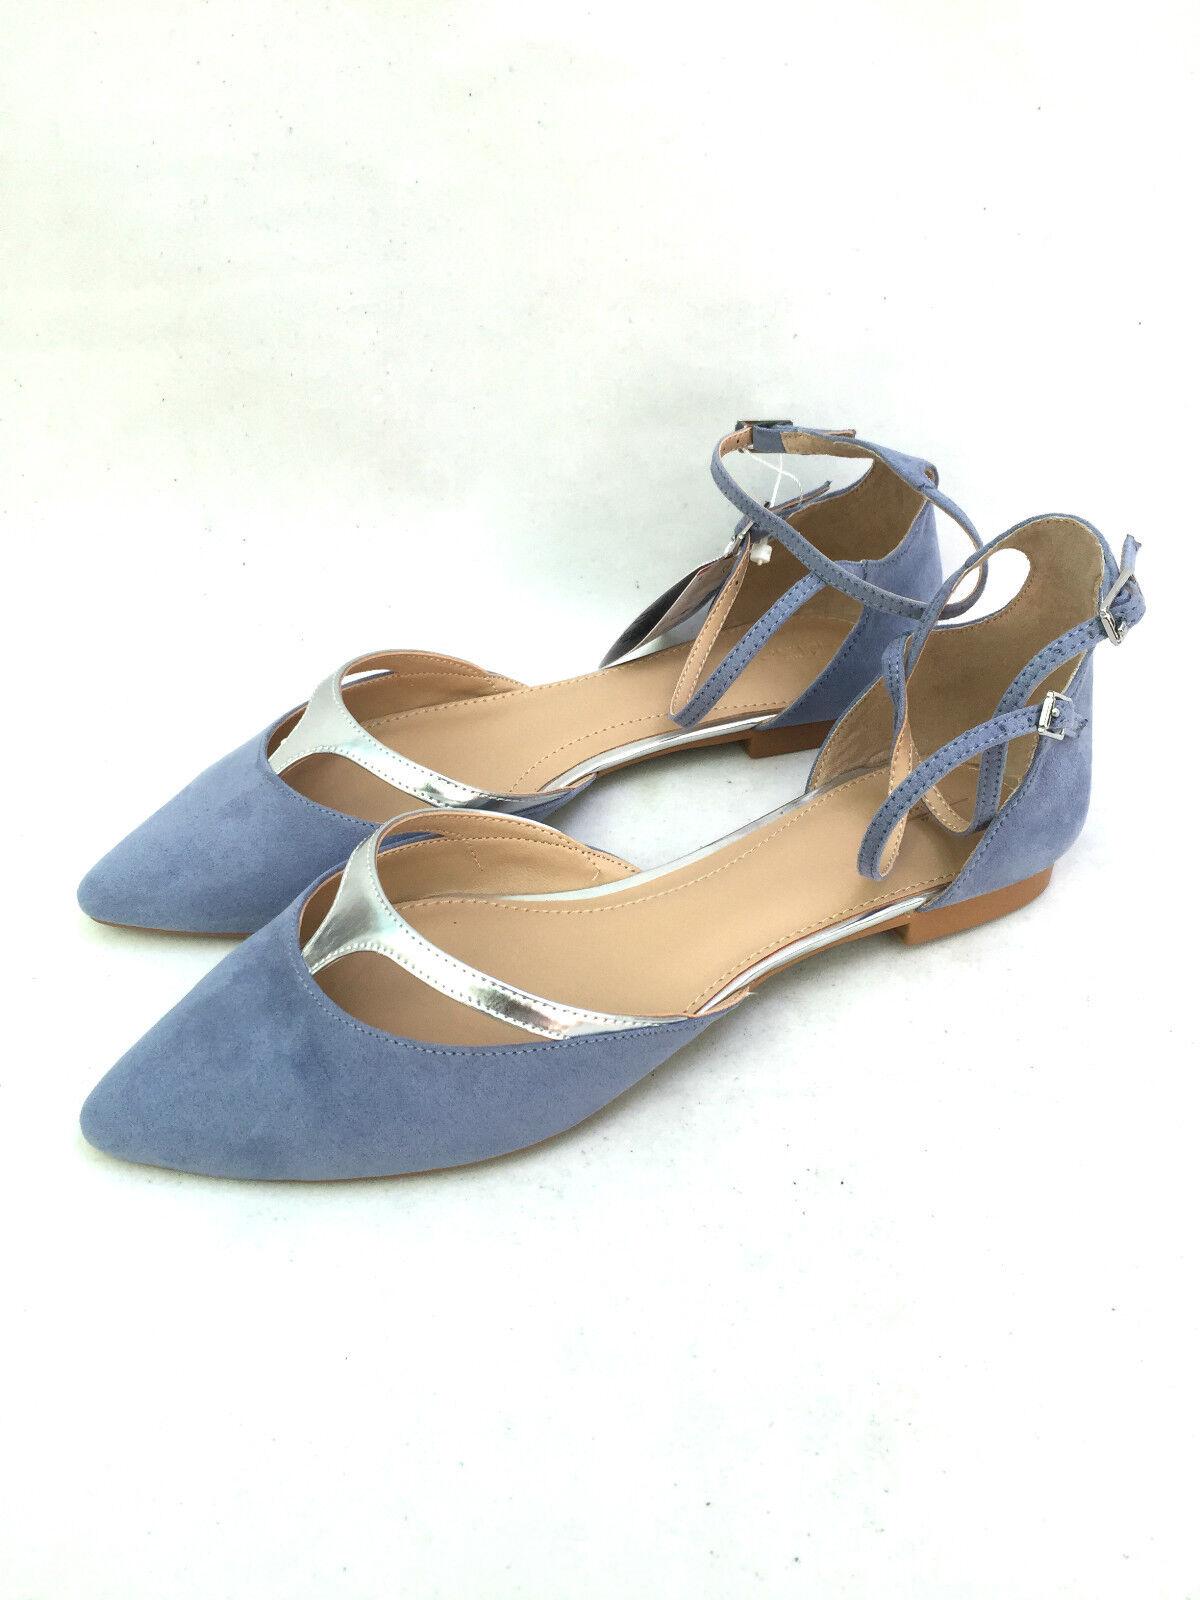 ZARA Basse VAMPIRA Scarpe con cinturino alla Caviglia Taglia uk6/EU 39/us8